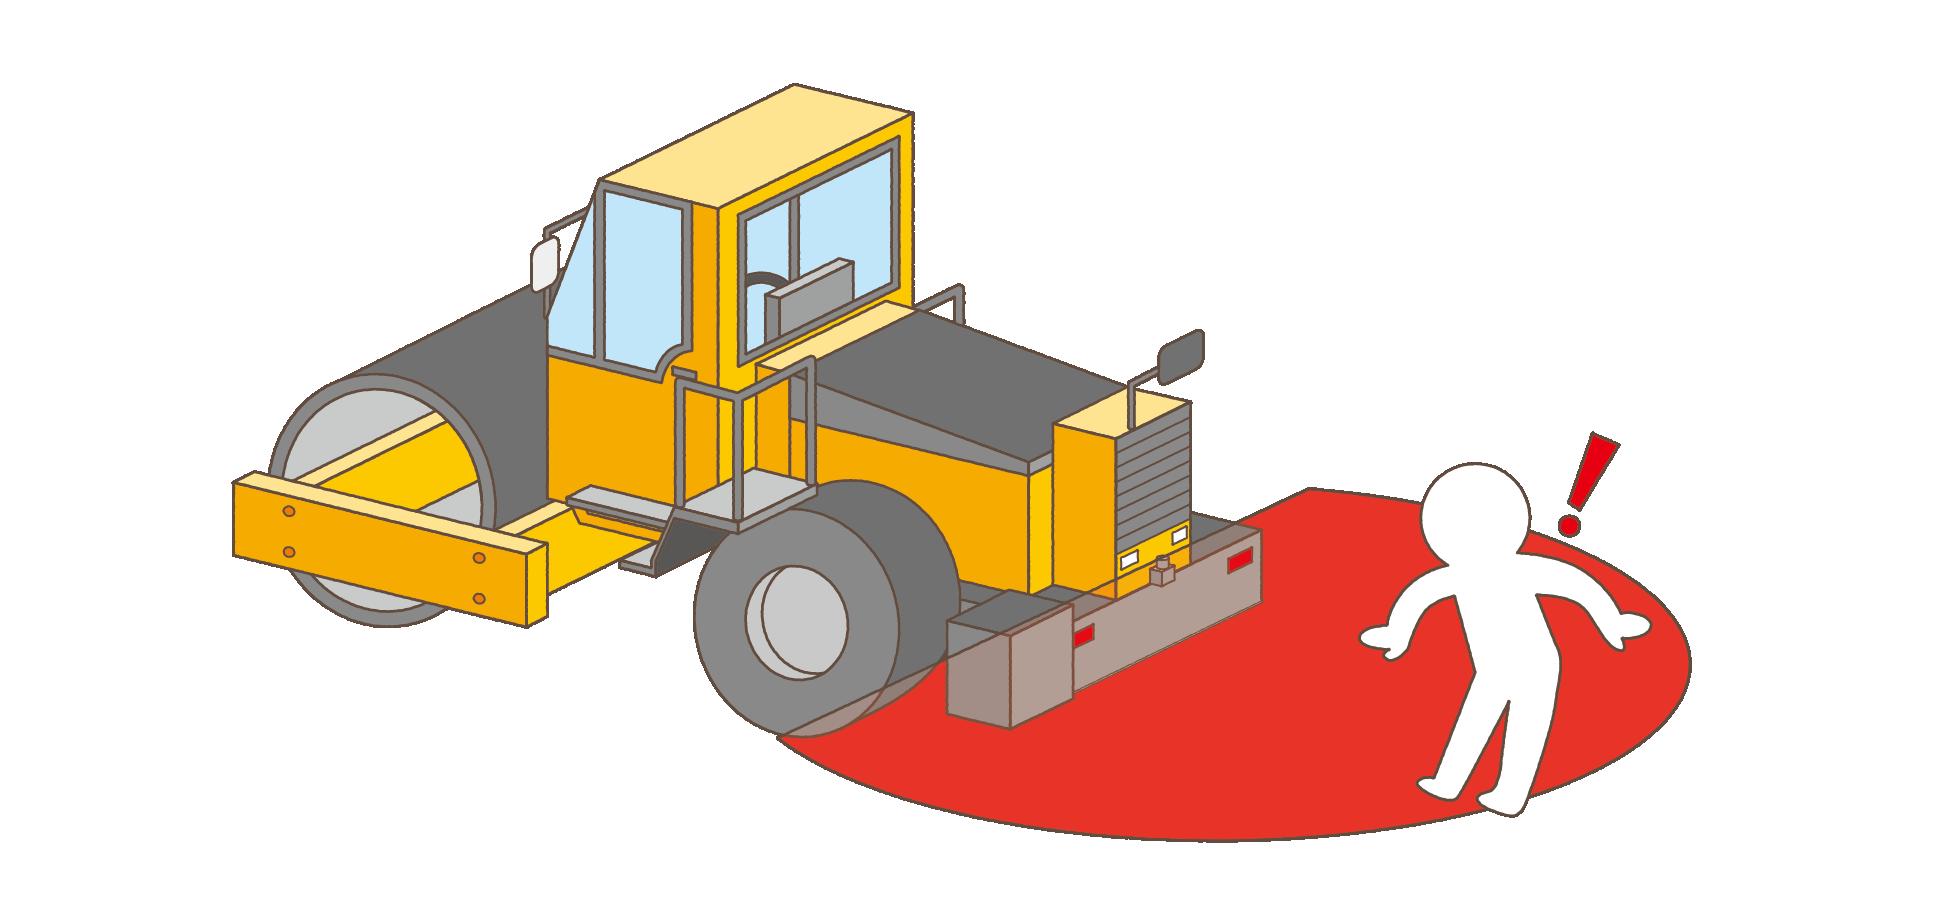 建設機械の安全対策